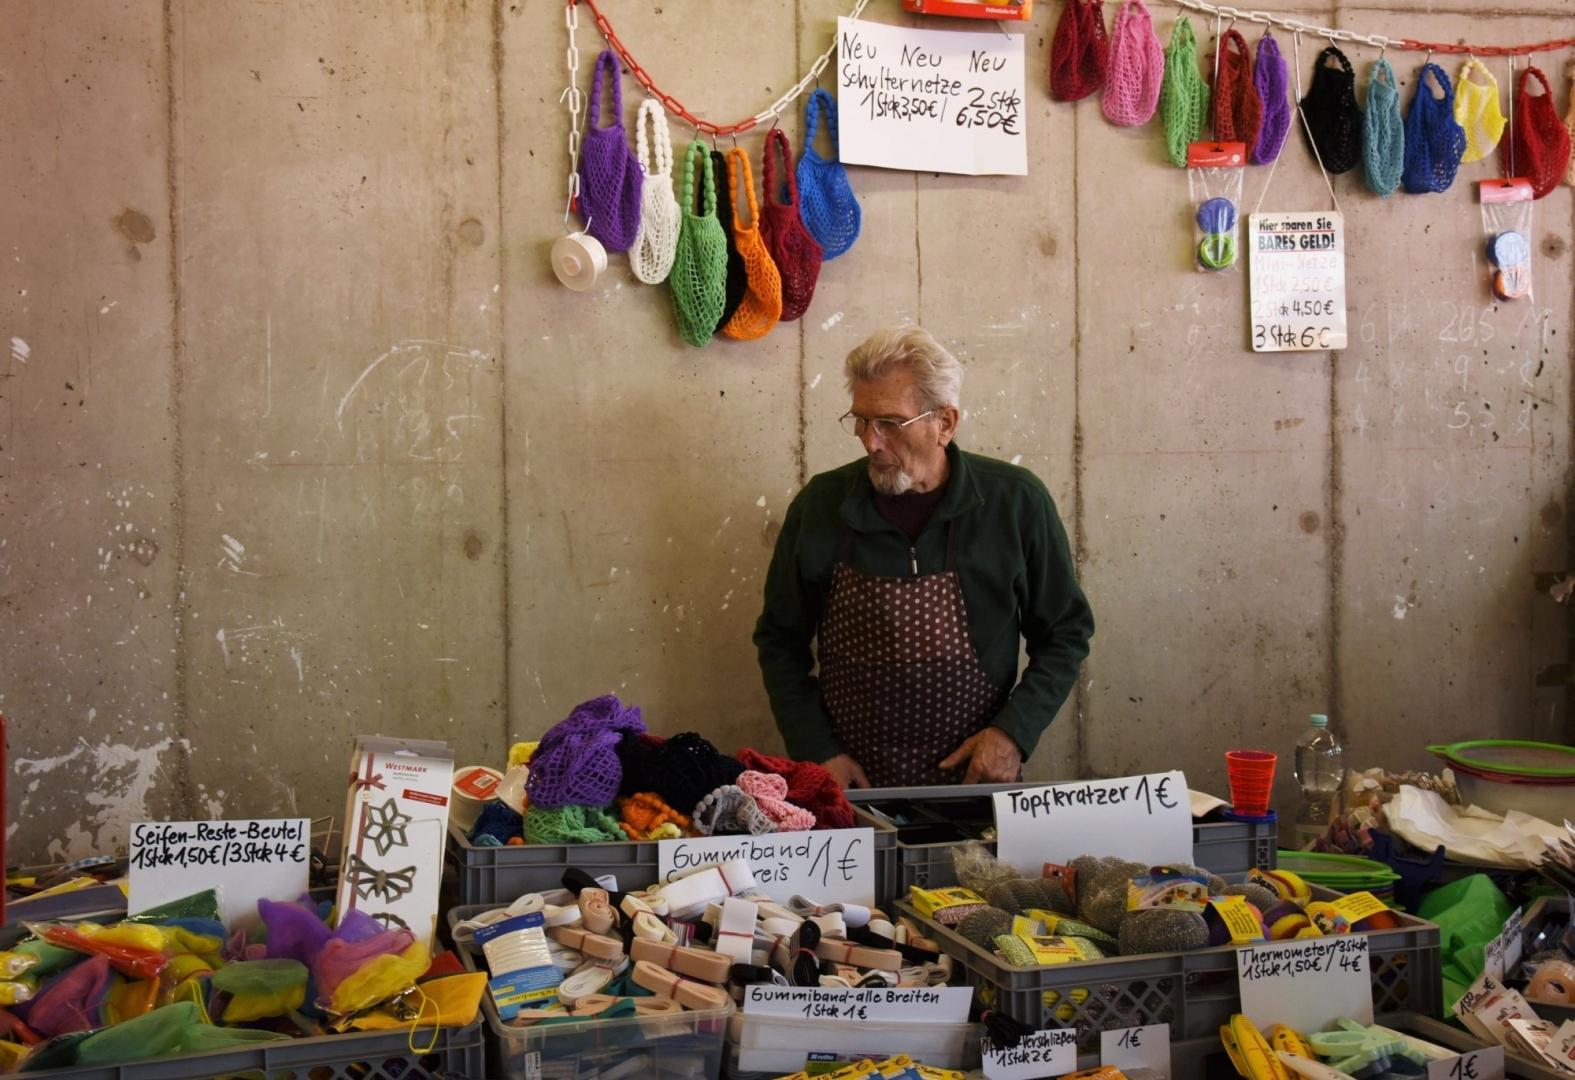 С 1991 года в Берлине дважды в год проходит выставка достижений народного хозяйства бывшей ГДР «ОСТПРО» (ОSTPRO Berlin), которая с каждым годом пользуется всё большой популярностью